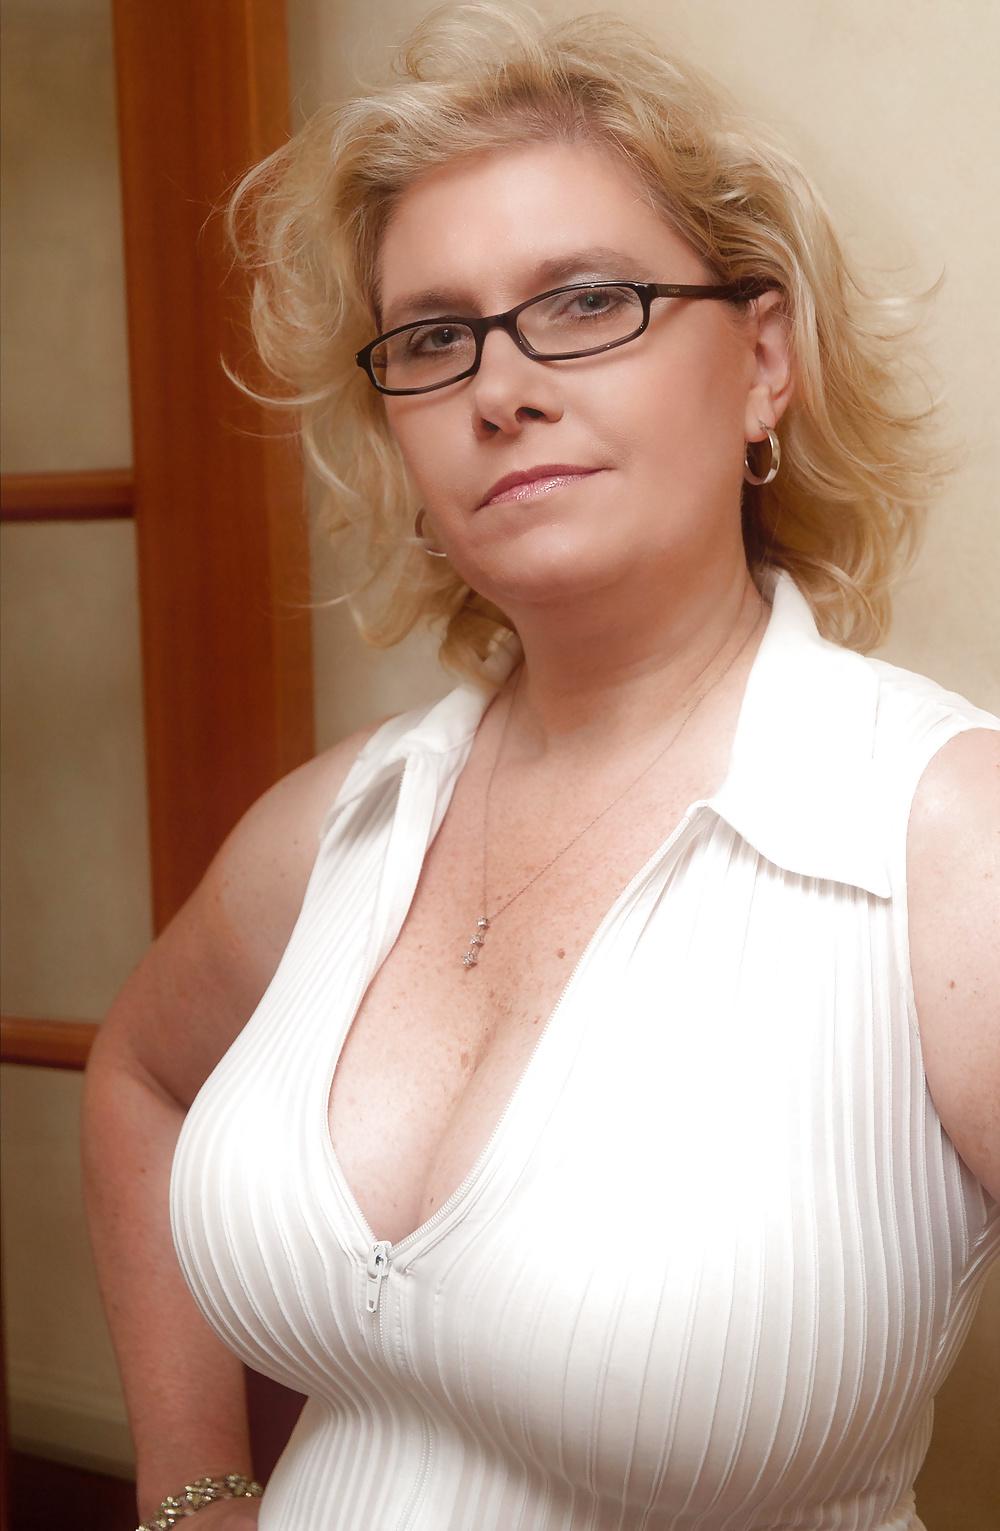 Голые Сиськи Пожилых Женщин Фото